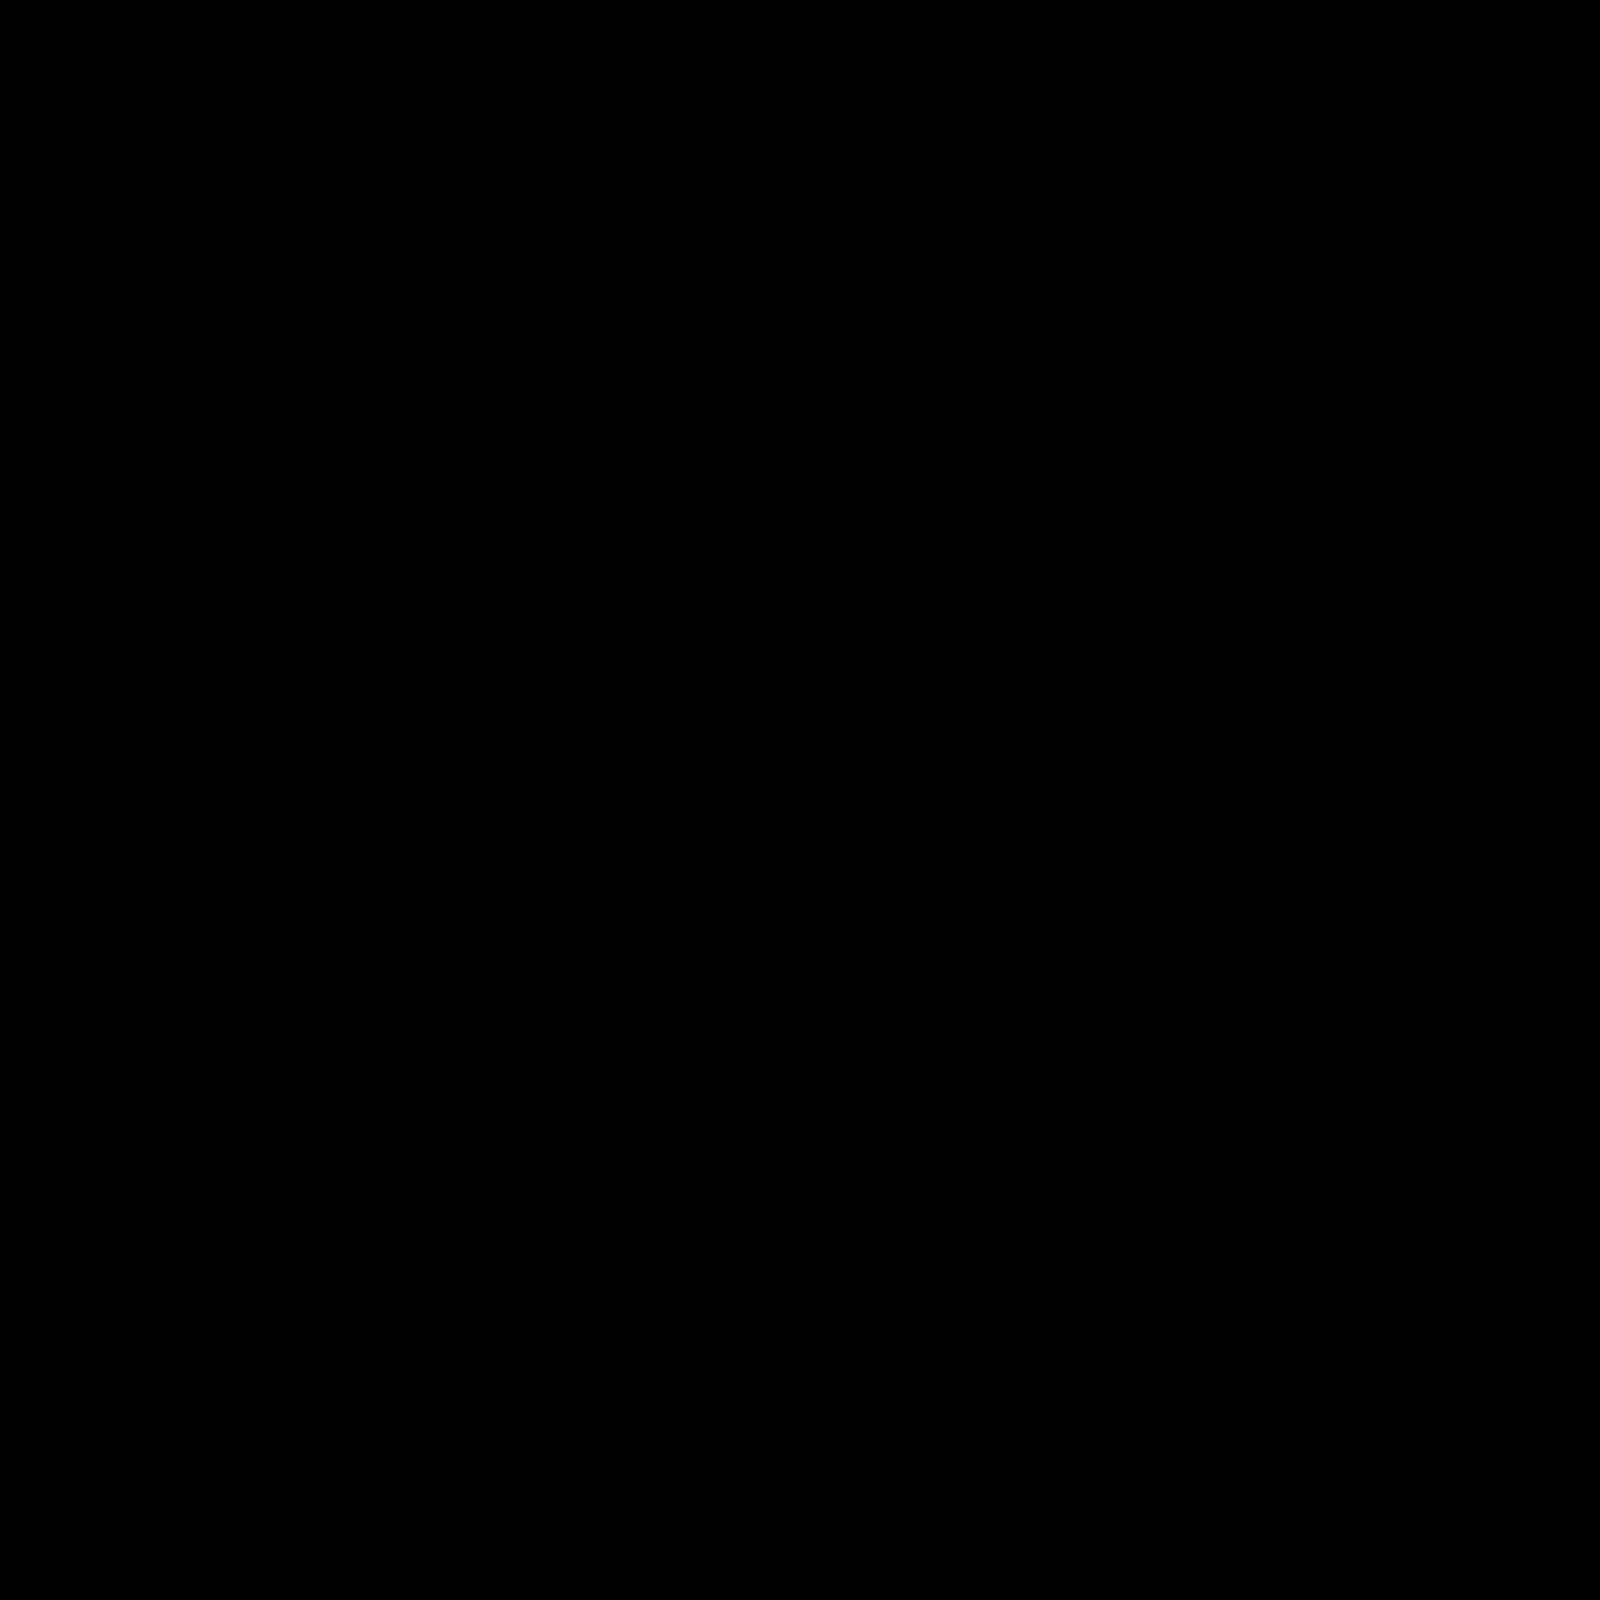 Bus Size icon